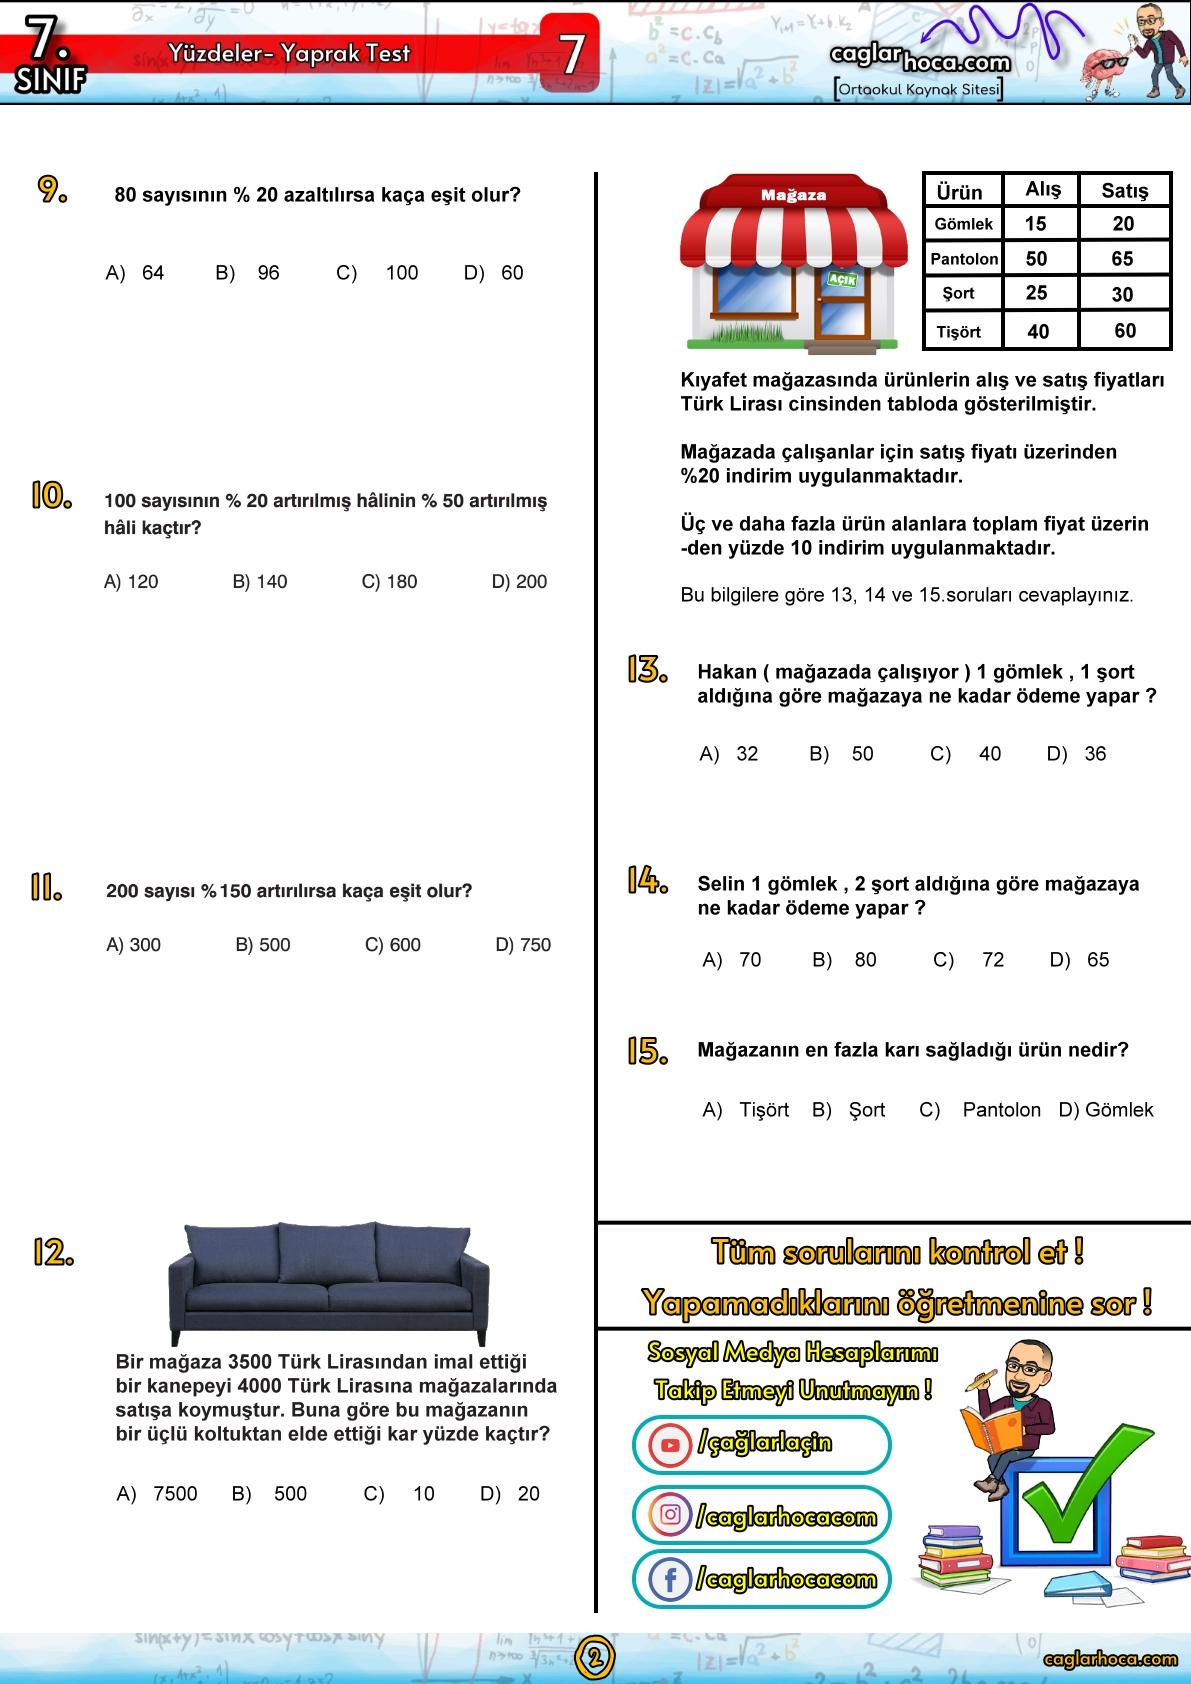 7.sınıf 7.ünite yüzdeler yaprak test